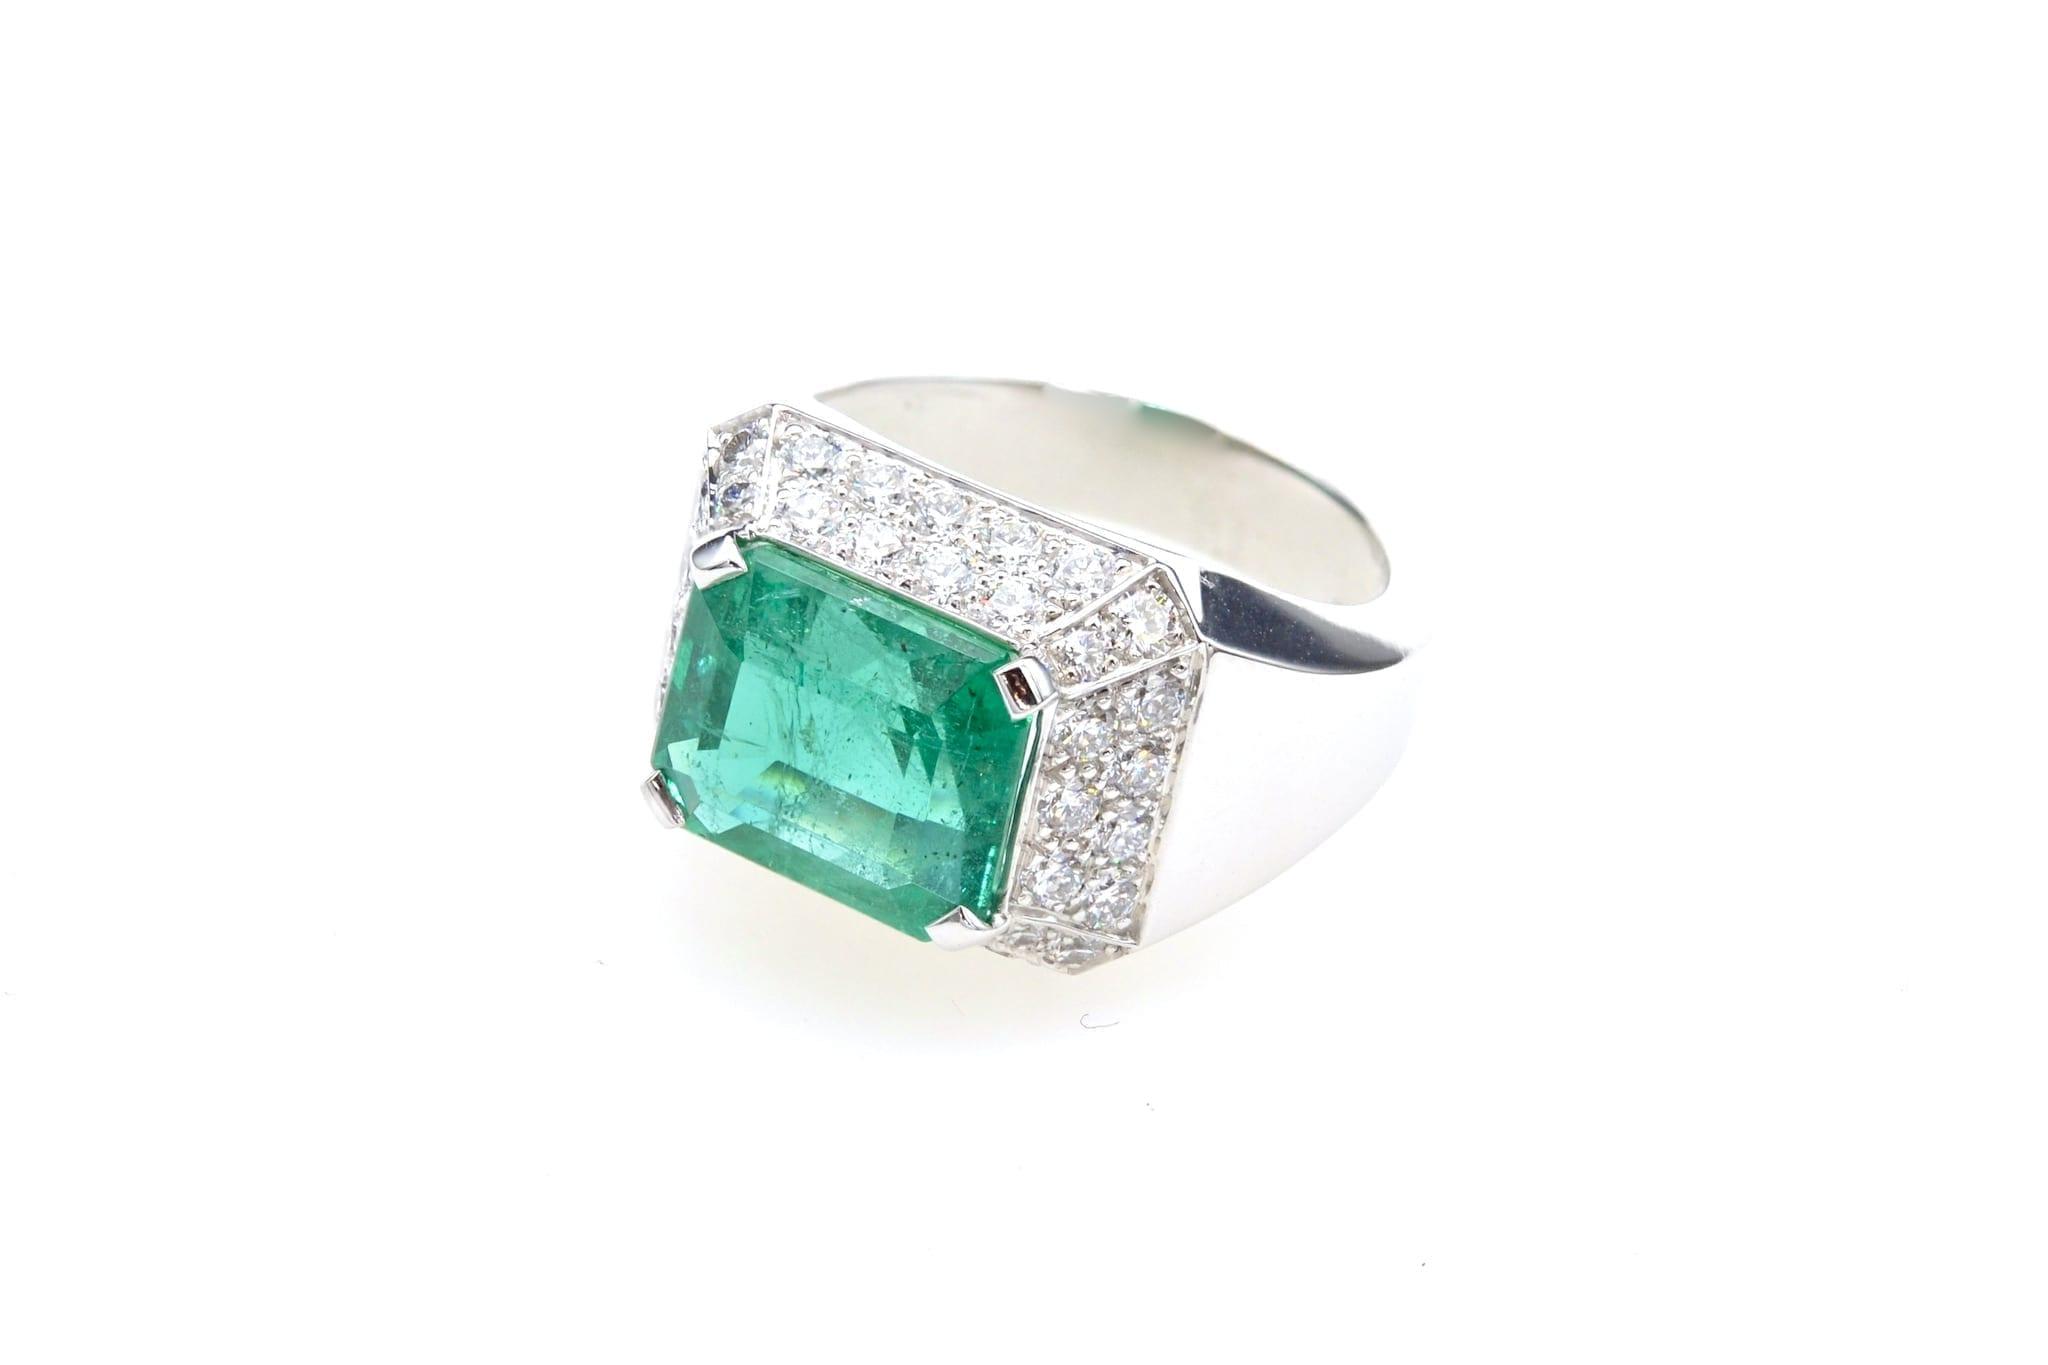 vendre bague emeraude pavee de diamants